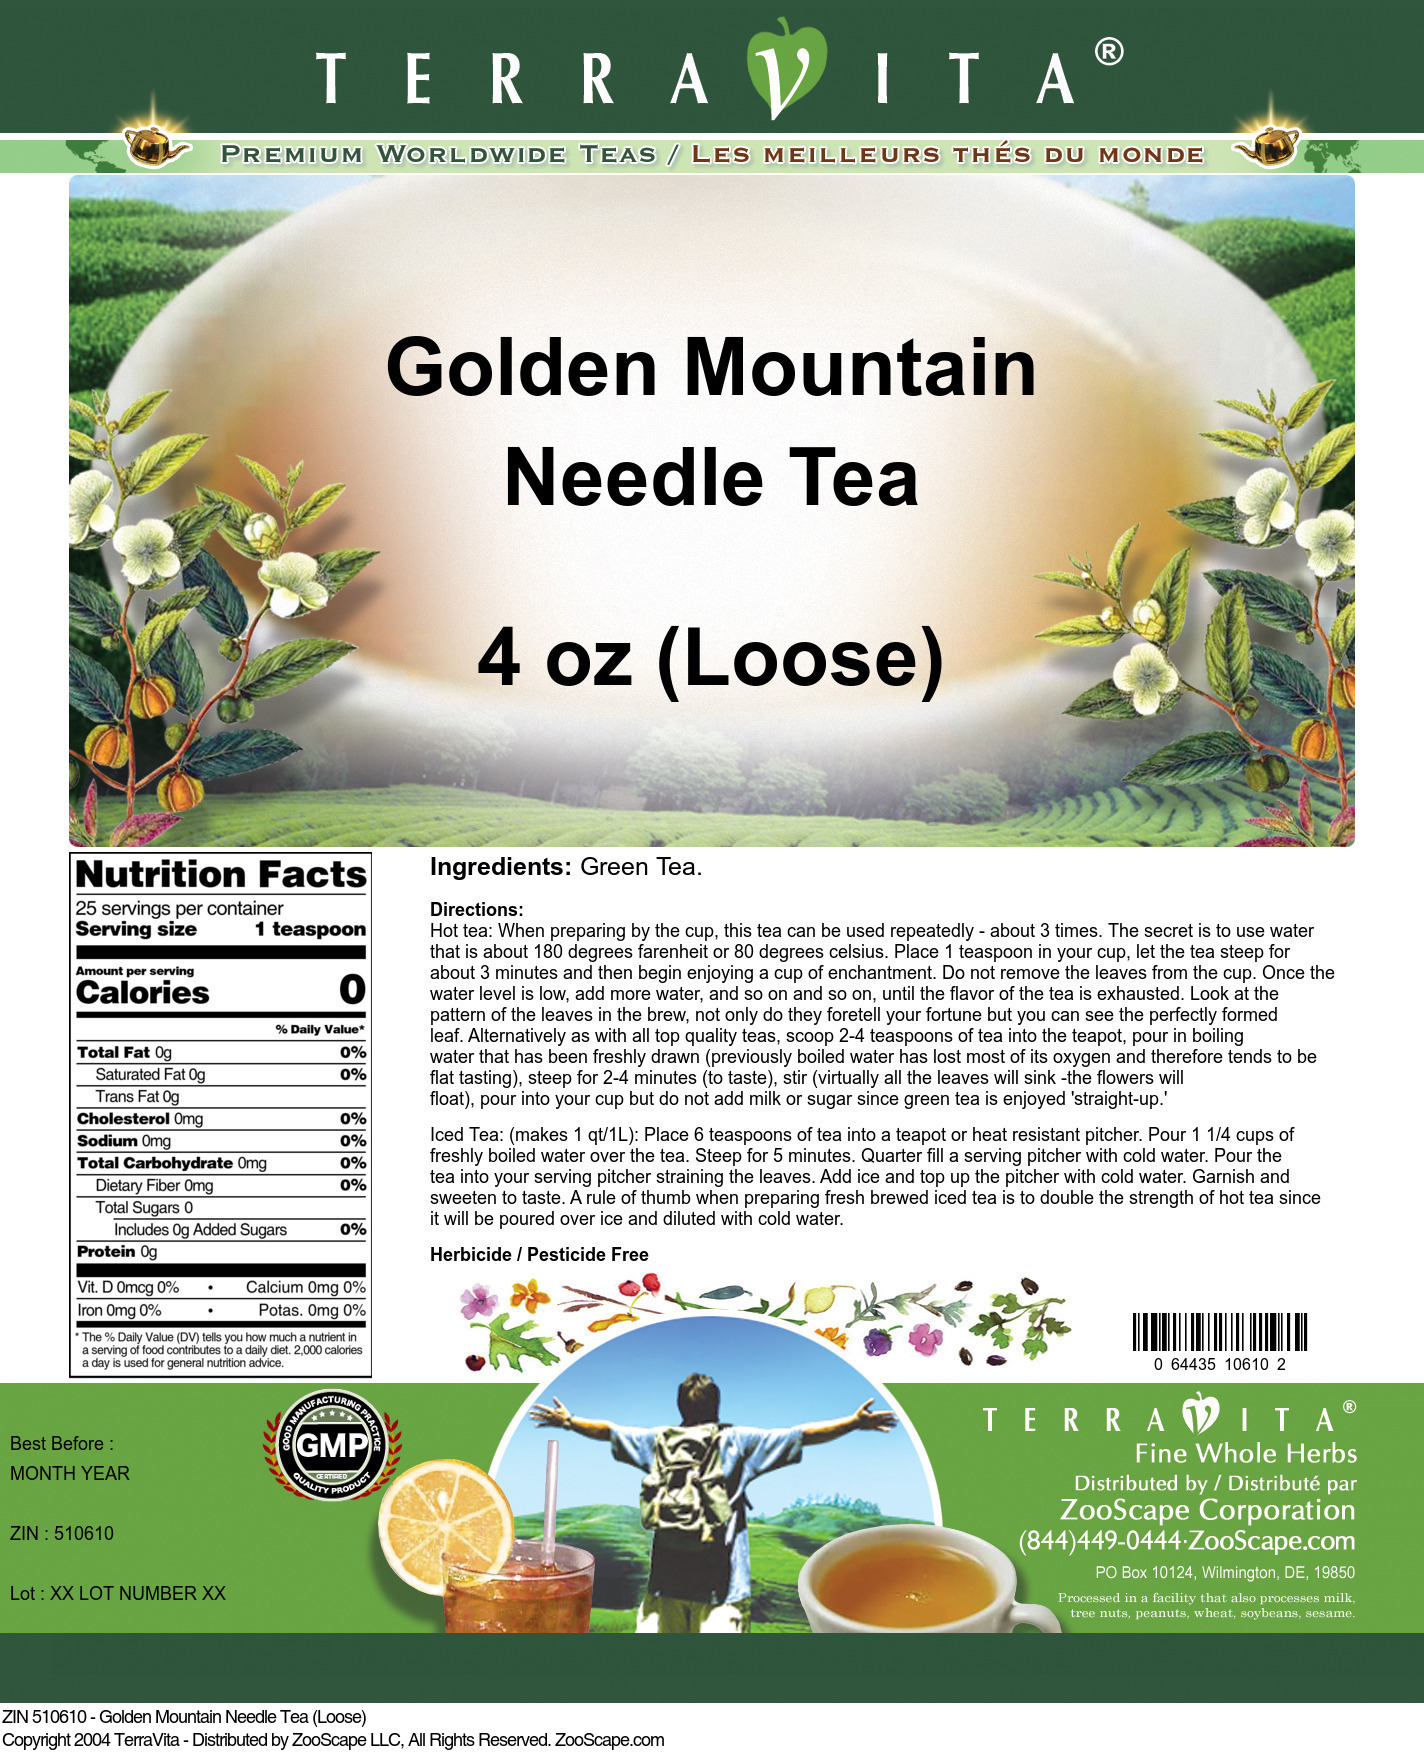 Golden Mountain Needle